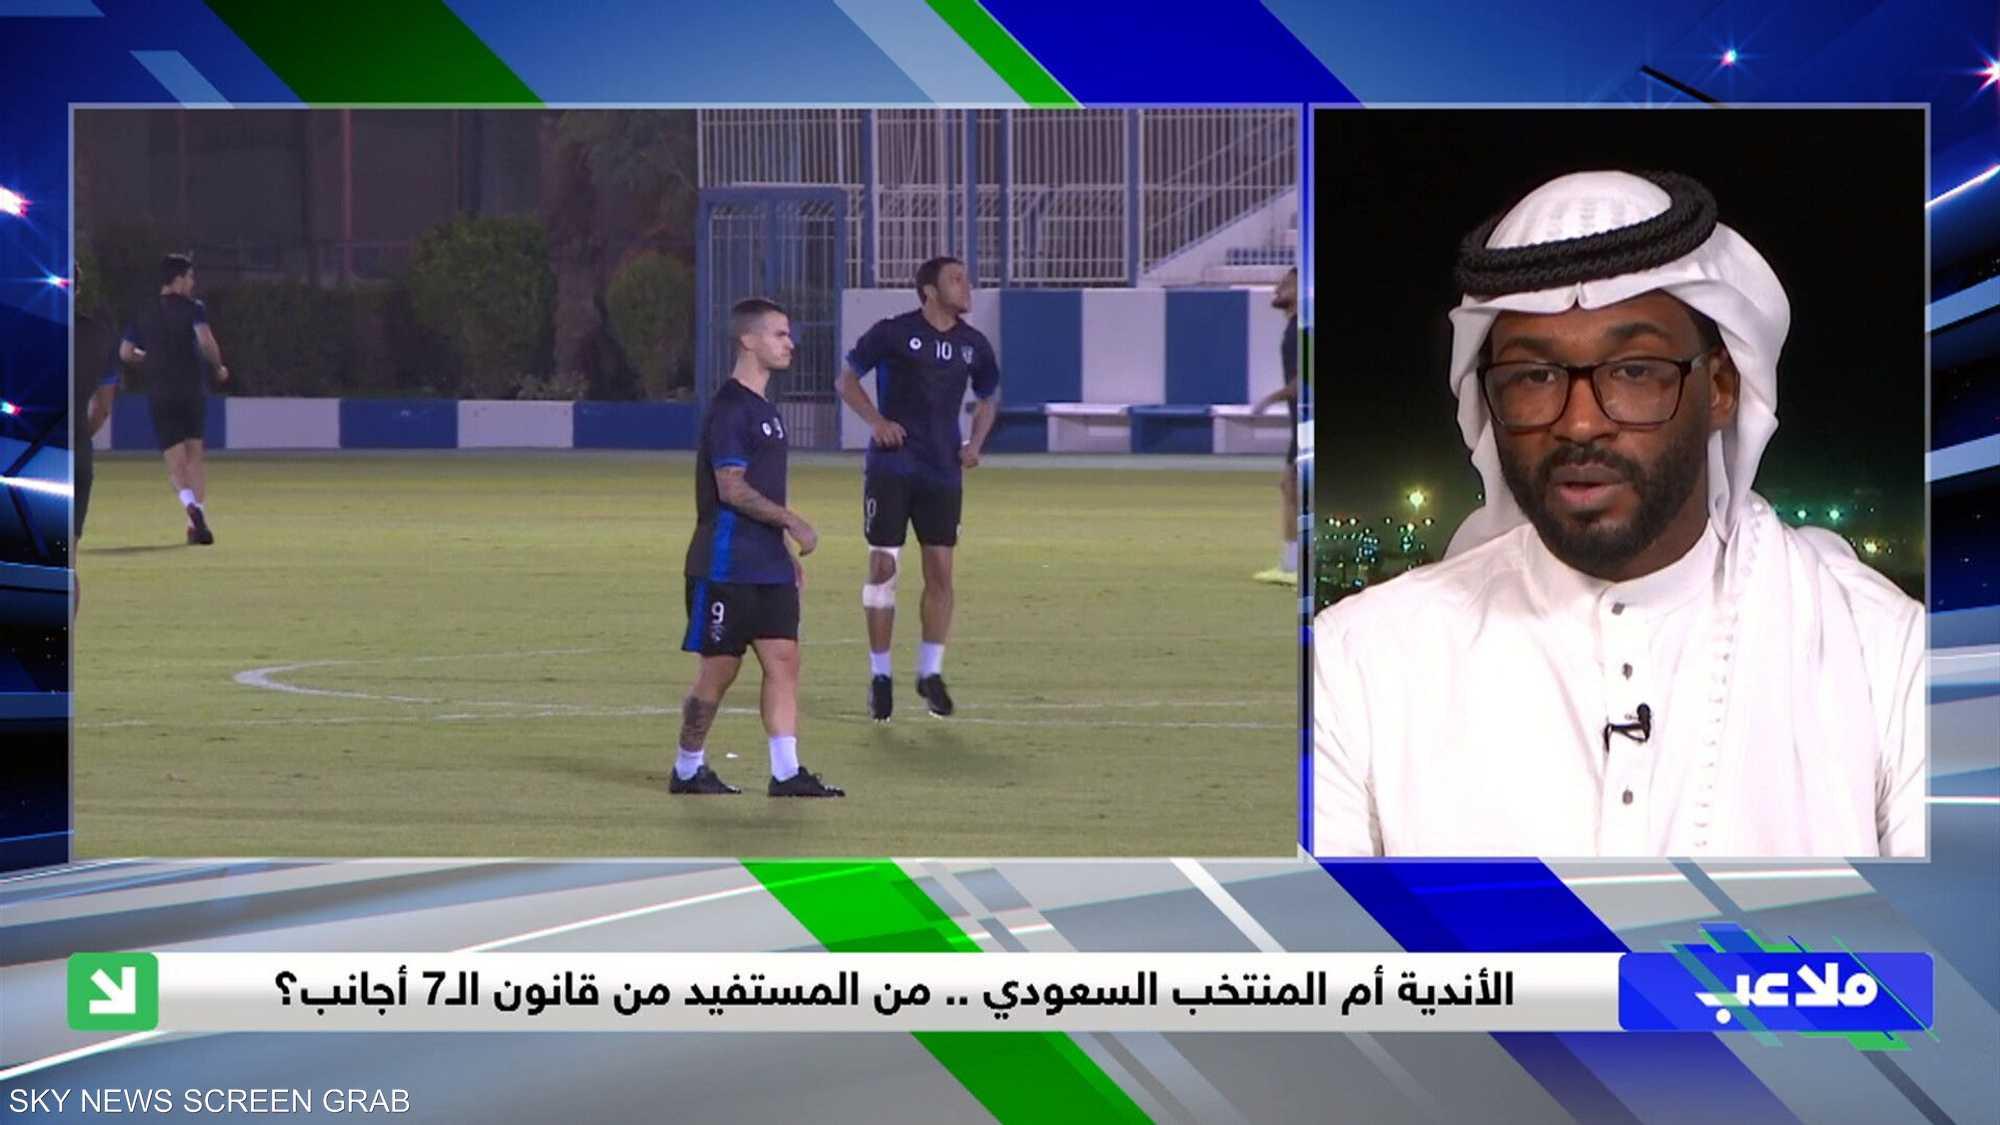 الأندية أم المنتخب السعودي .. من المستفيد من قانون 7 أجانب؟